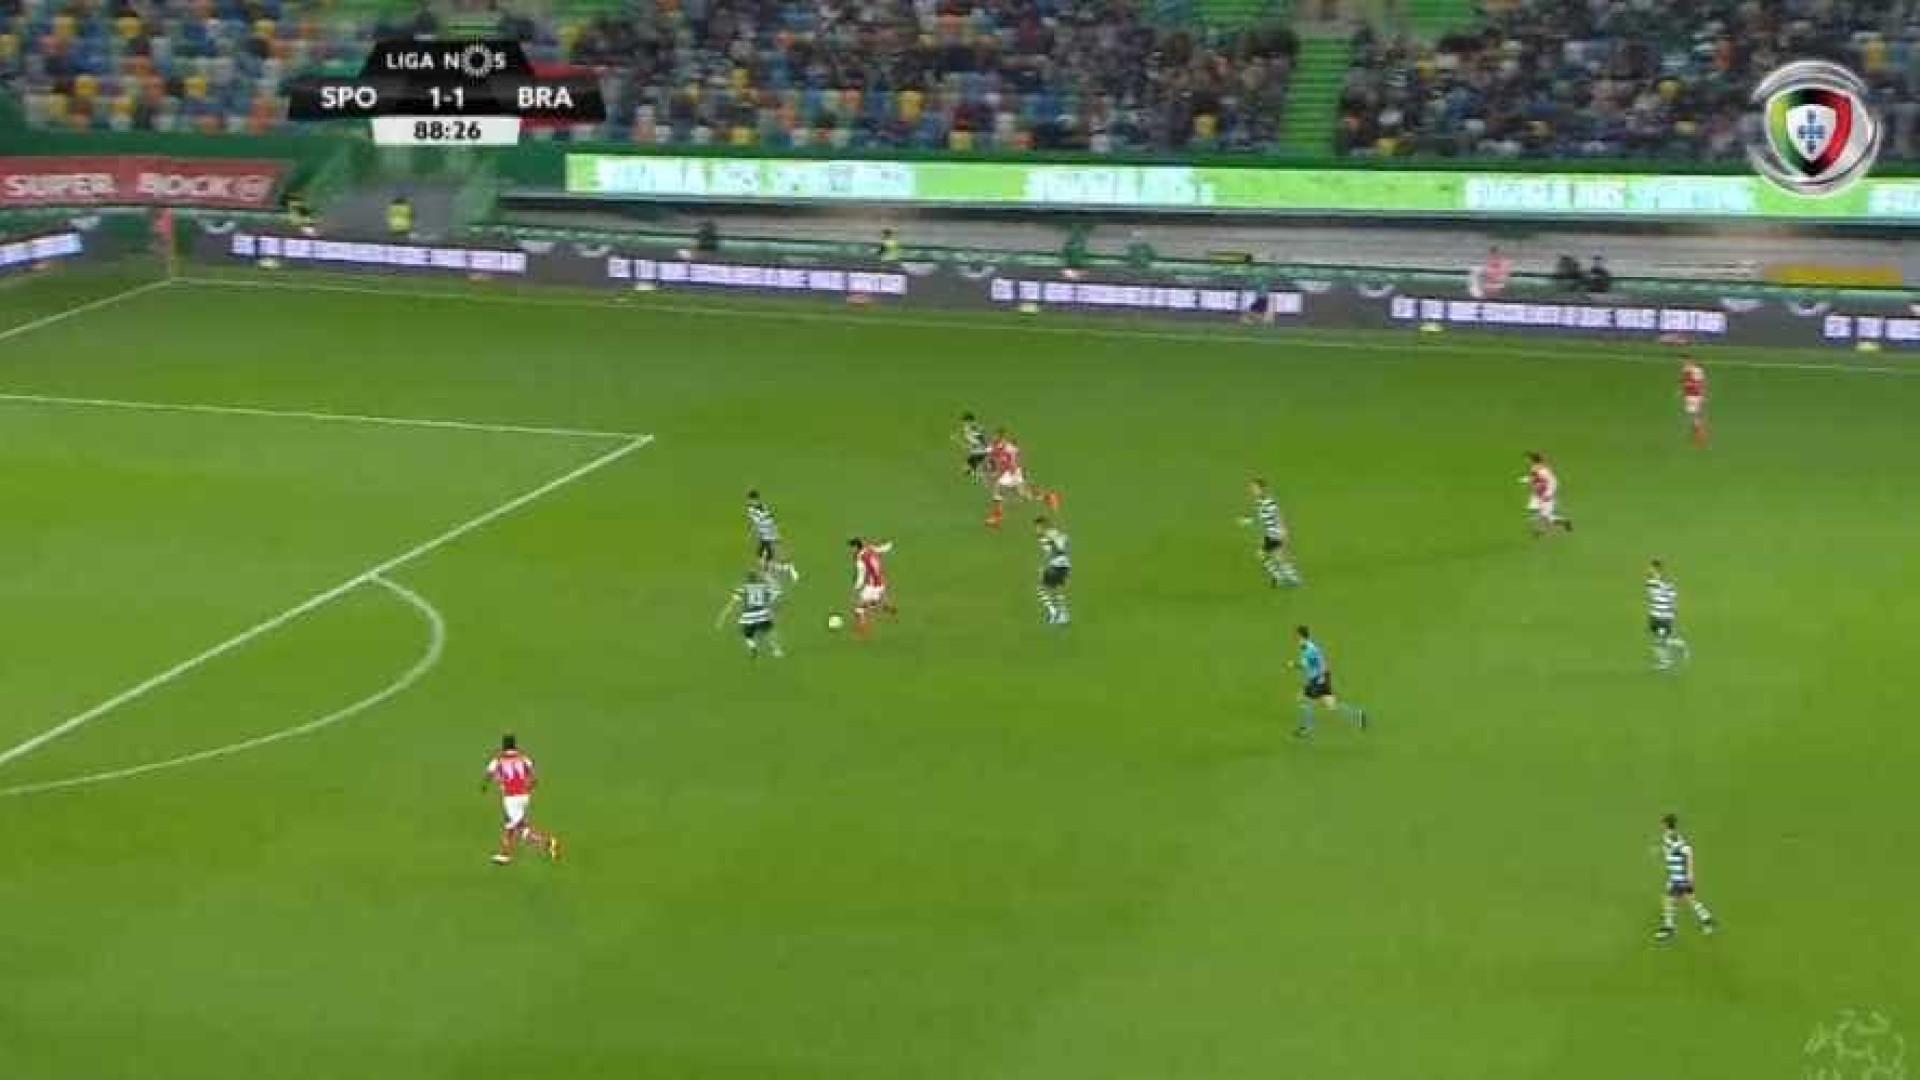 Sporting arranca empate ao Braga no último minuto (2-2)